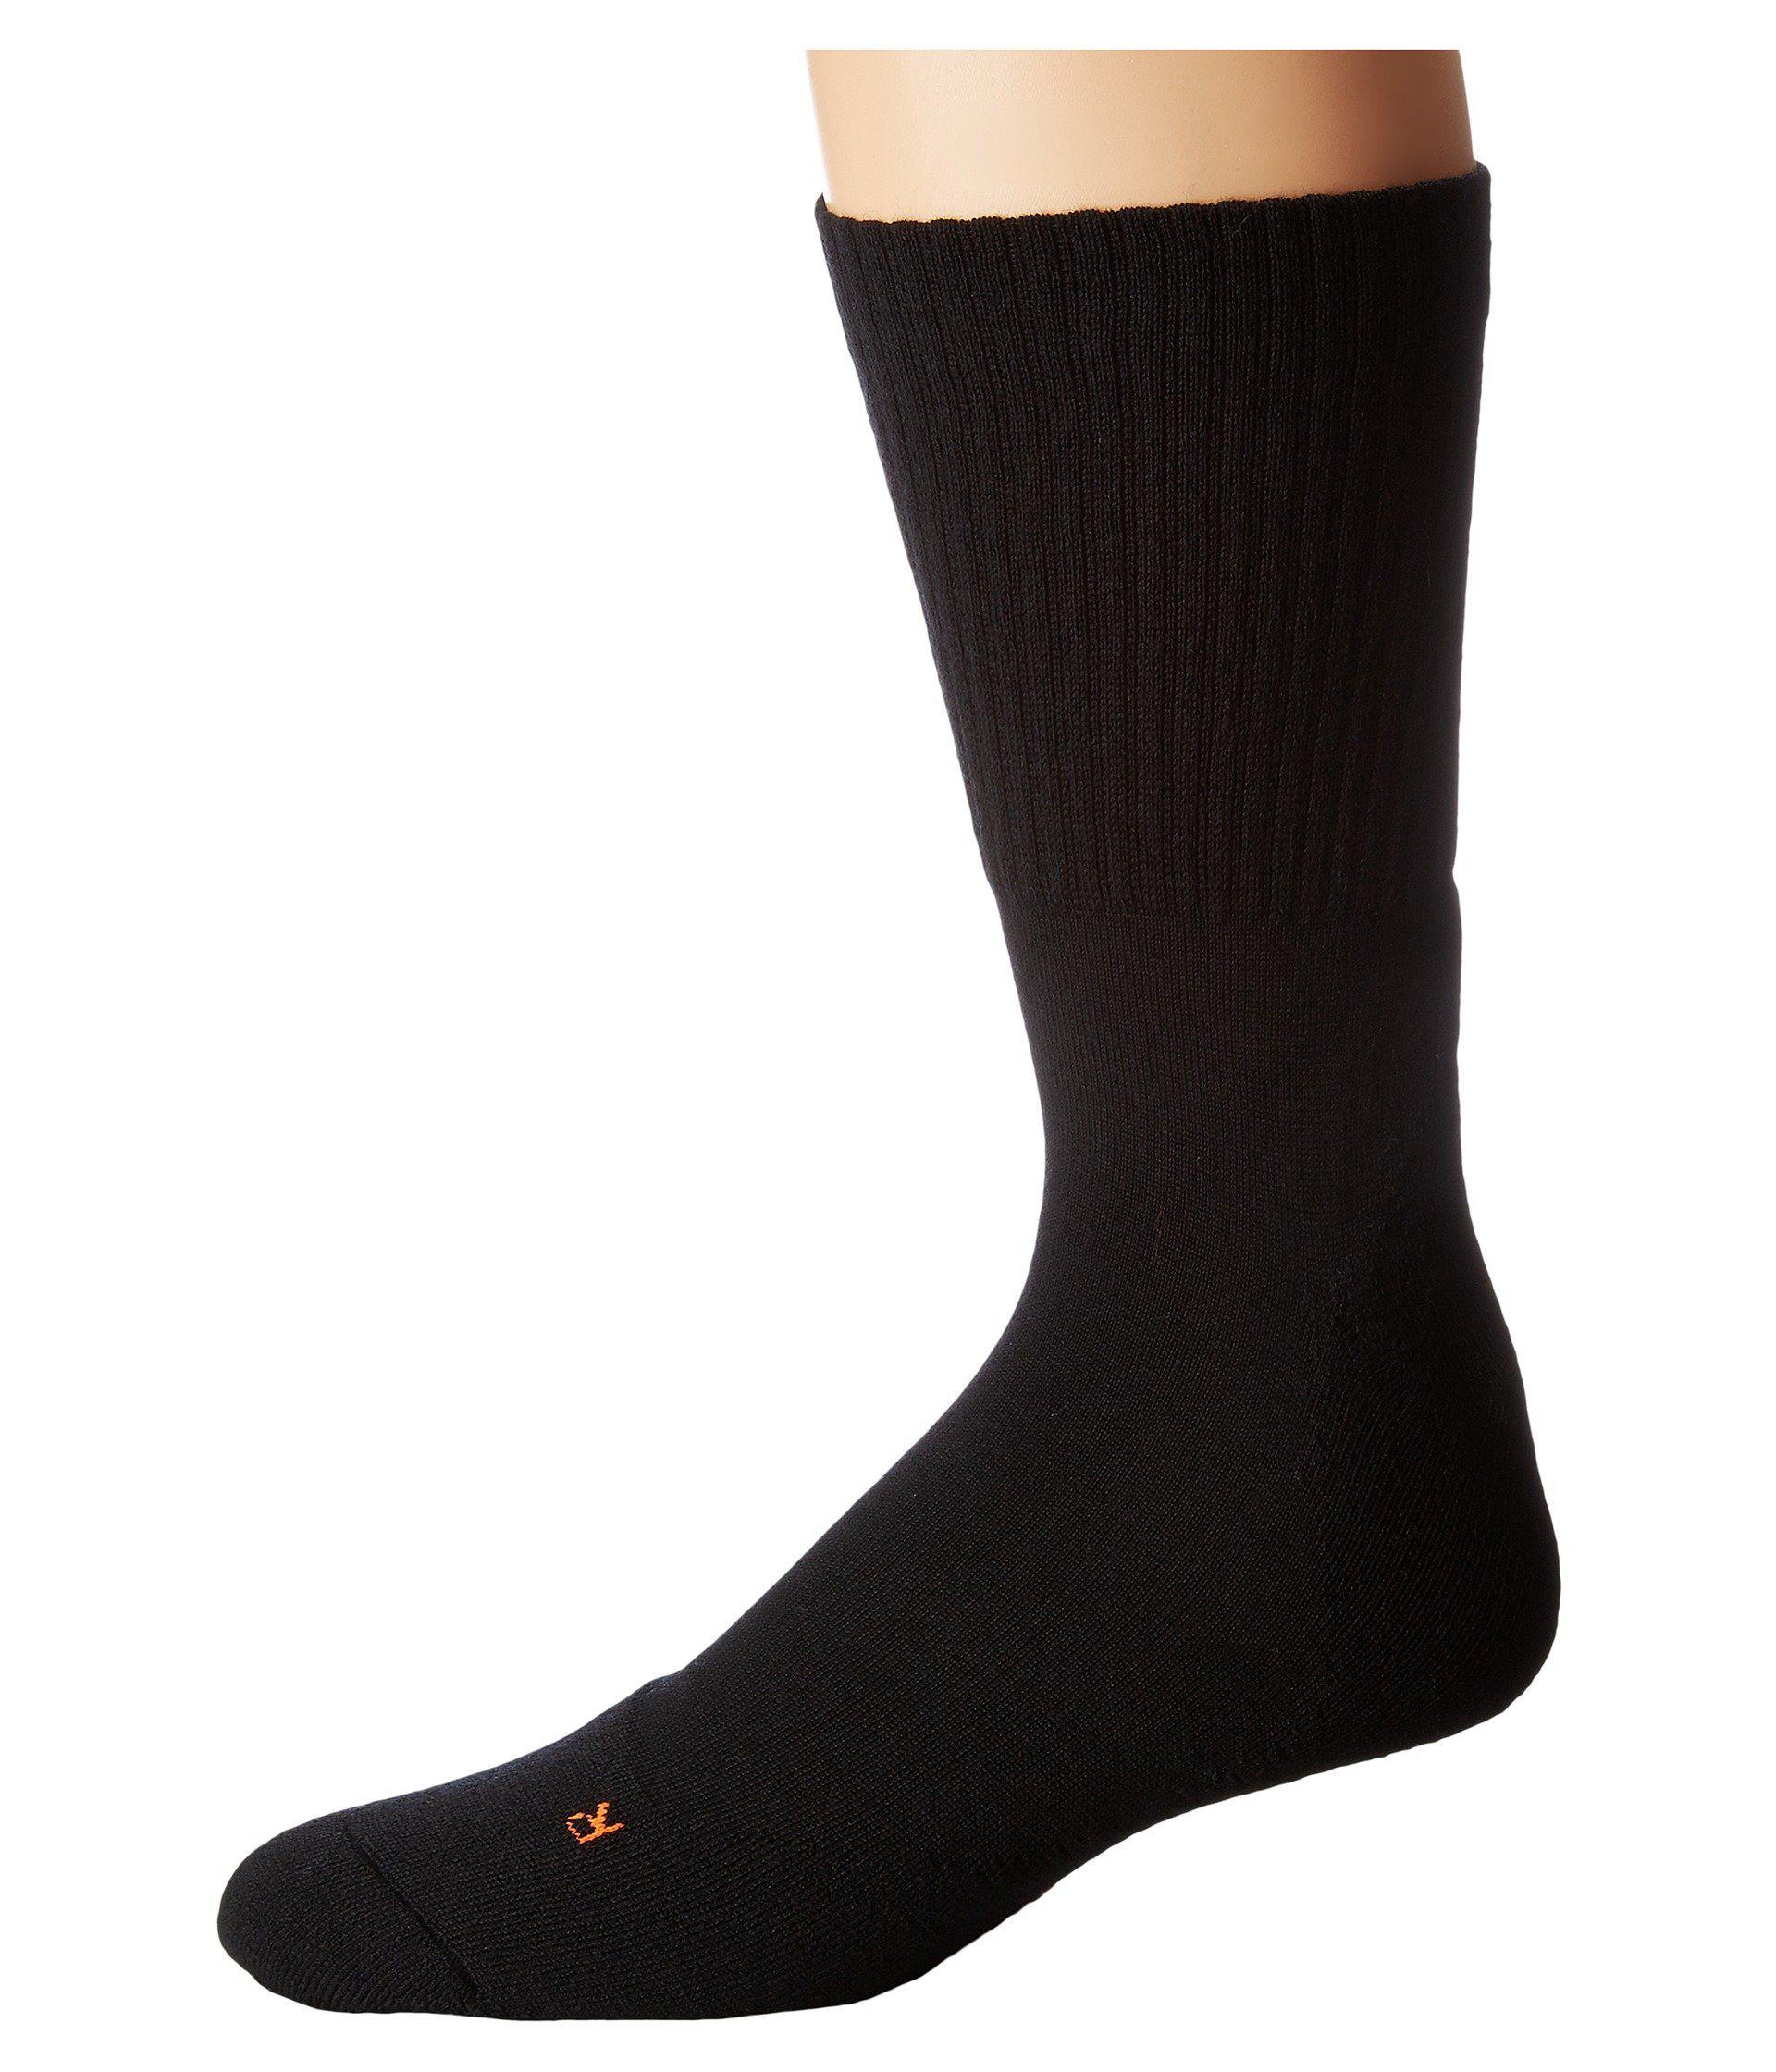 Footlocker Sale Online Walkie wool-blend socks Falke Buy Cheap Outlet In China Cheap Online Discount Clearance 2018 Unisex KcPOH7